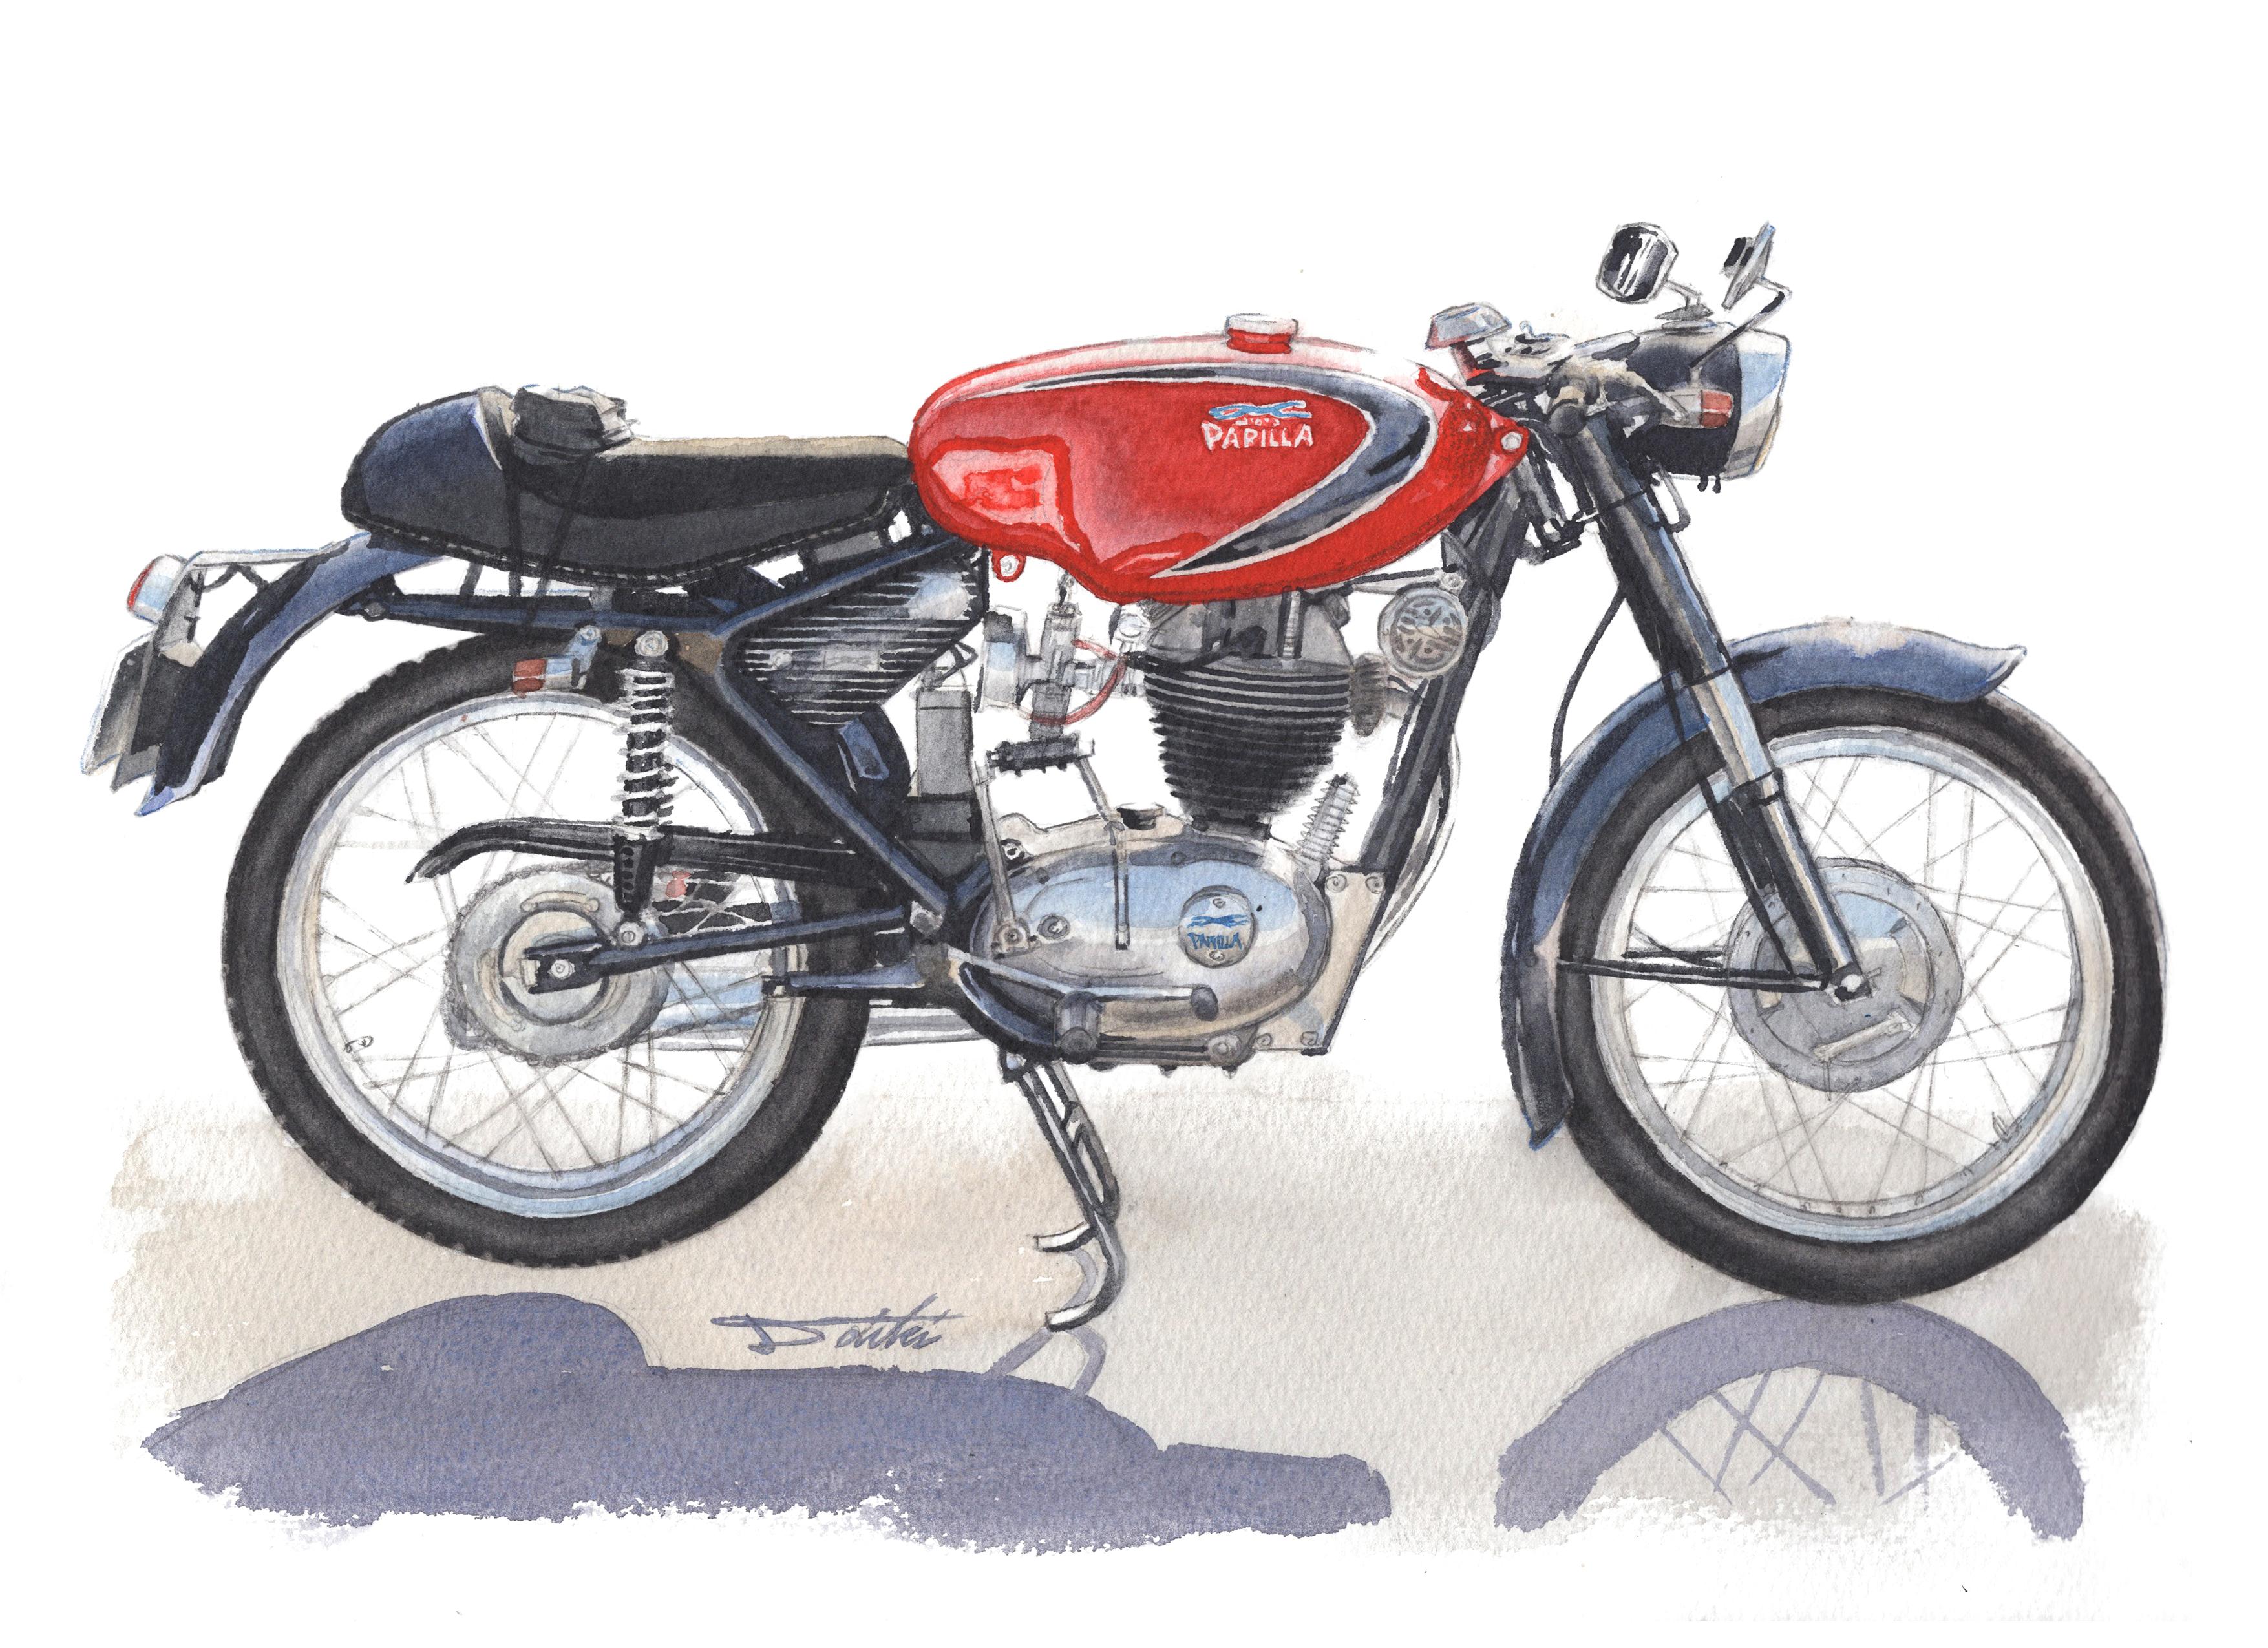 MOTOPARILA PARIRA175 水彩バイクイラスト